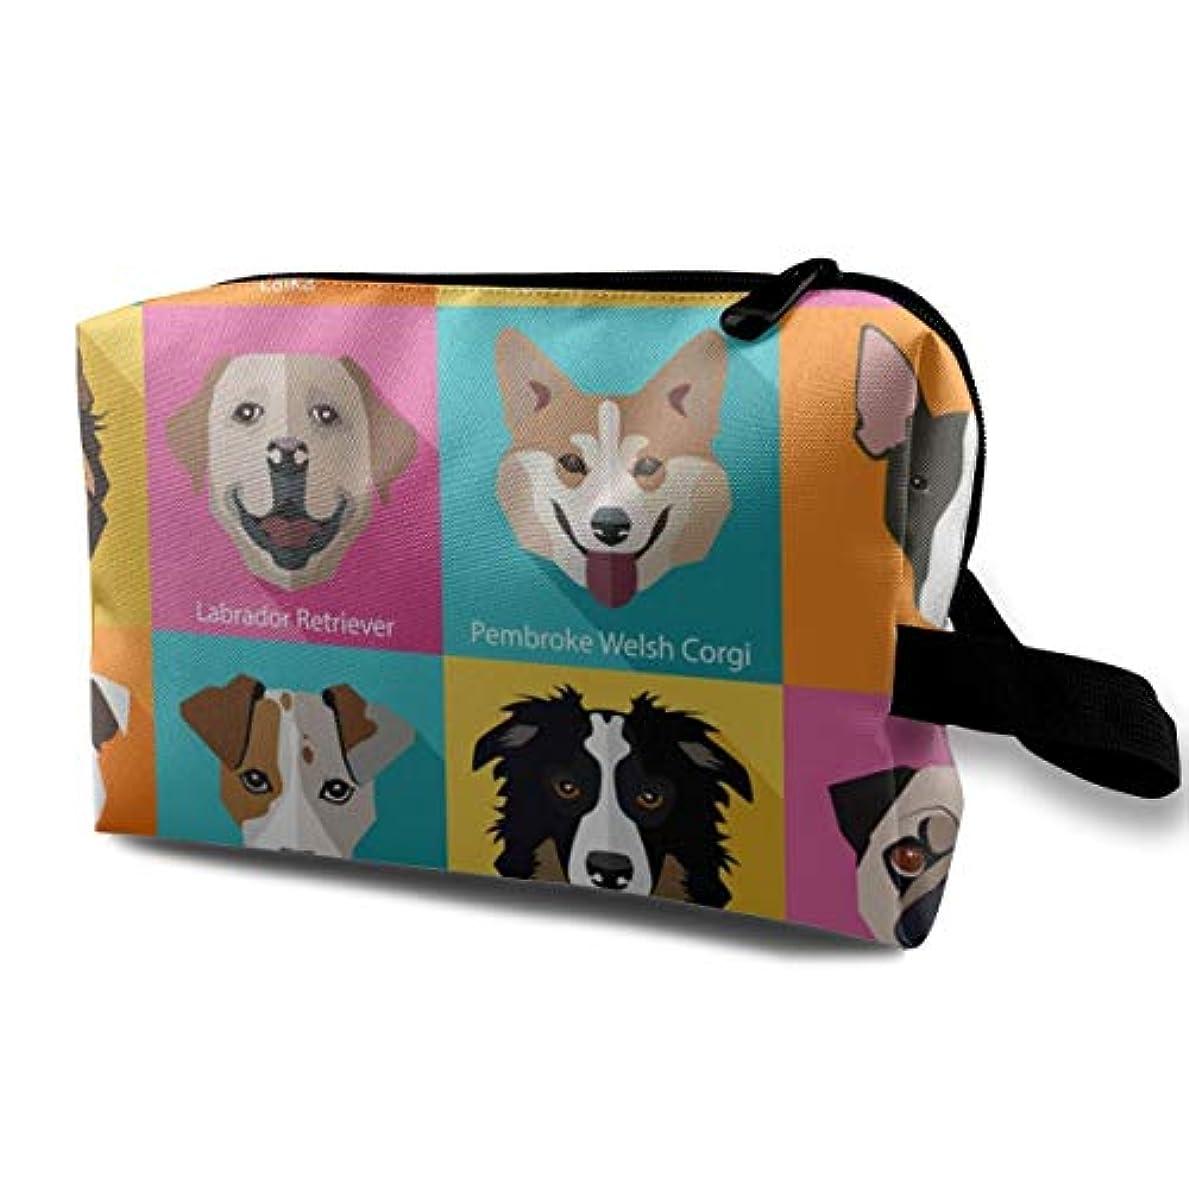 兵器庫レジスカートPopular Breeds Of Dogs 収納ポーチ 化粧ポーチ 大容量 軽量 耐久性 ハンドル付持ち運び便利。入れ 自宅?出張?旅行?アウトドア撮影などに対応。メンズ レディース トラベルグッズ